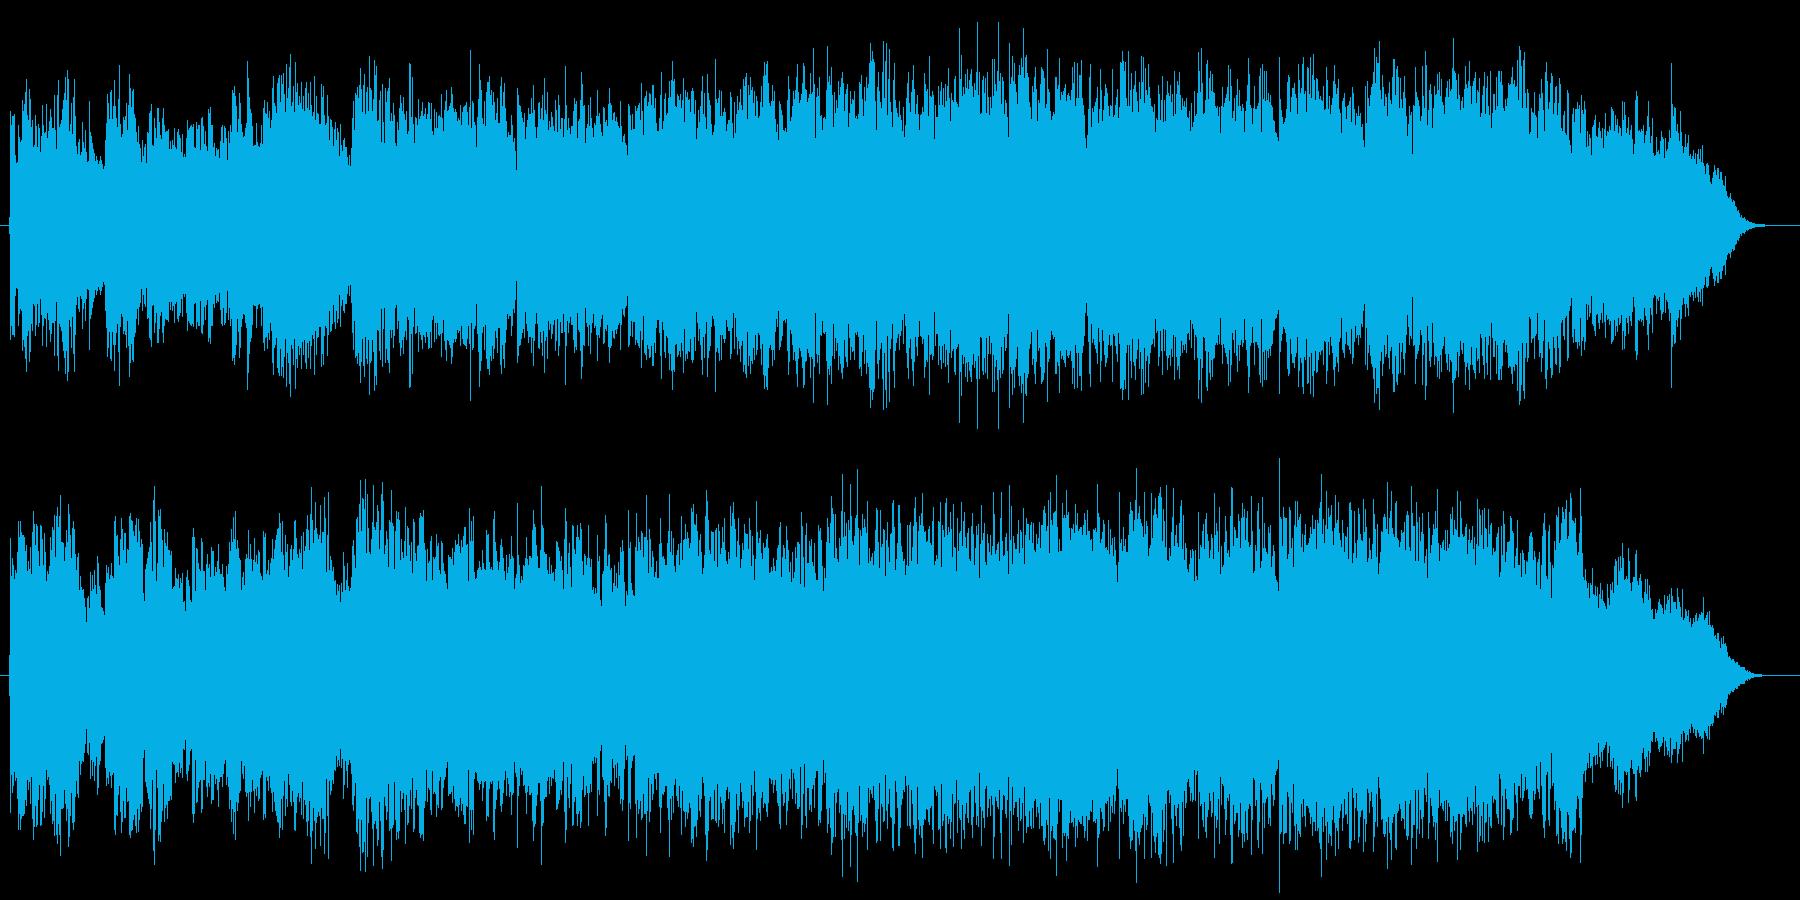 生演奏フルートがゆったりと優しいBGMの再生済みの波形